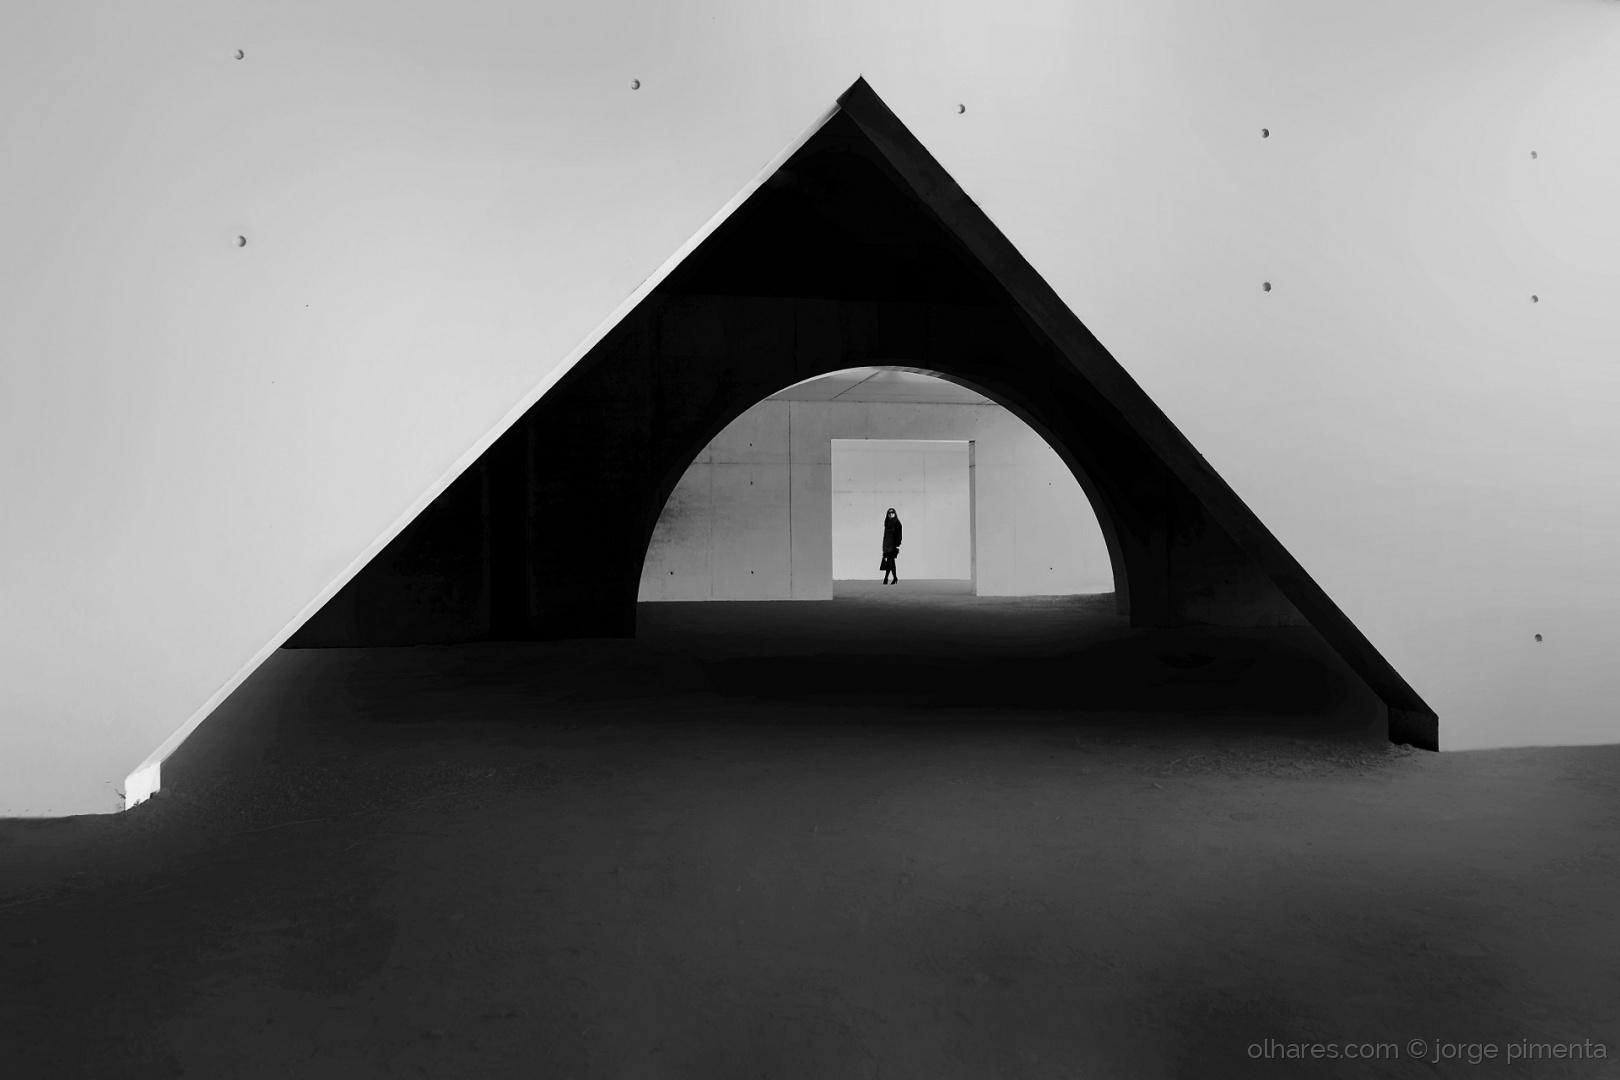 Arquitetura/Verso solto para sagração feminina